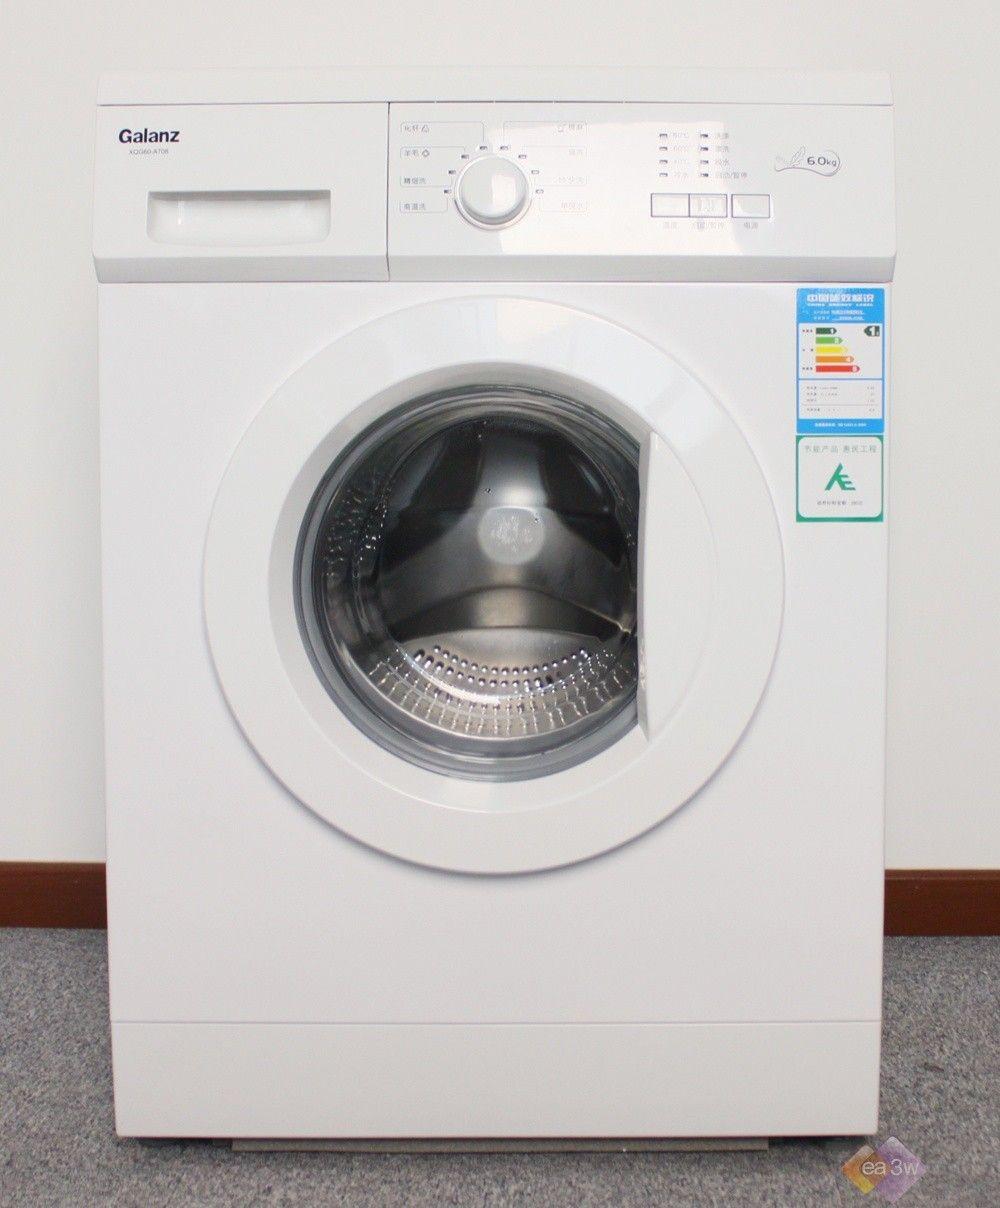 快围观!格兰仕999滚筒洗衣机真的来了